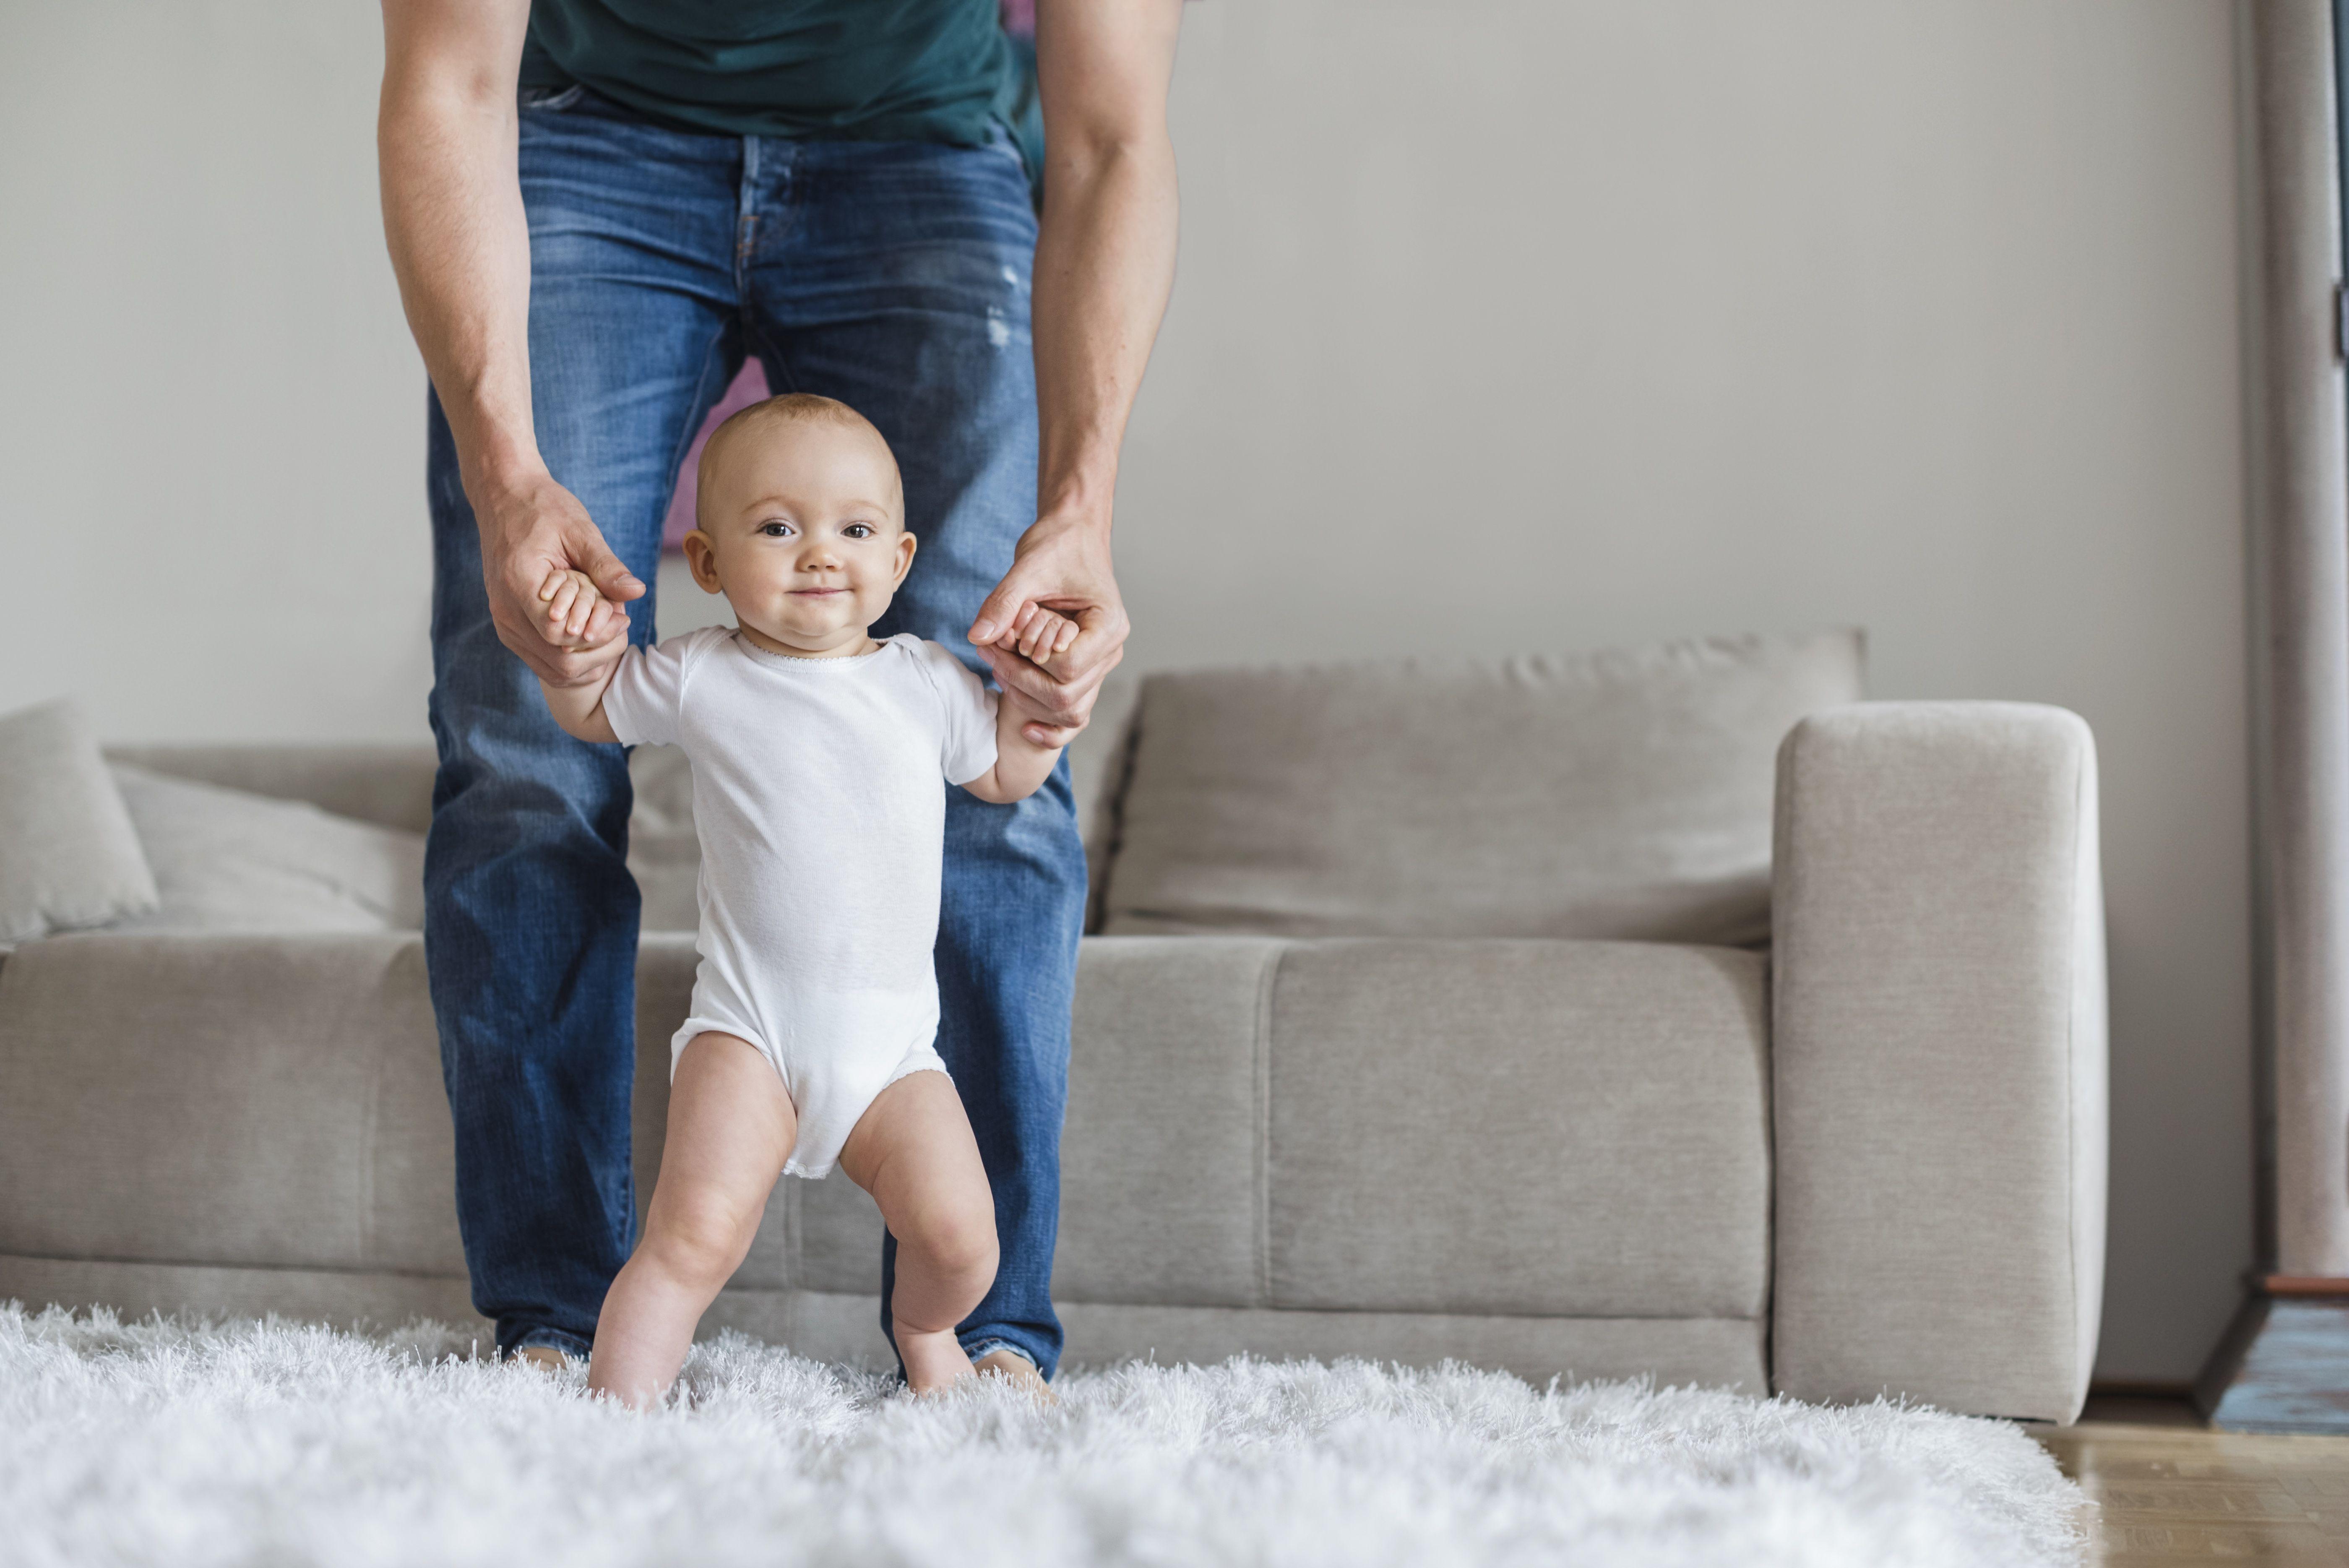 Bebé caminando con ayuda de su padre